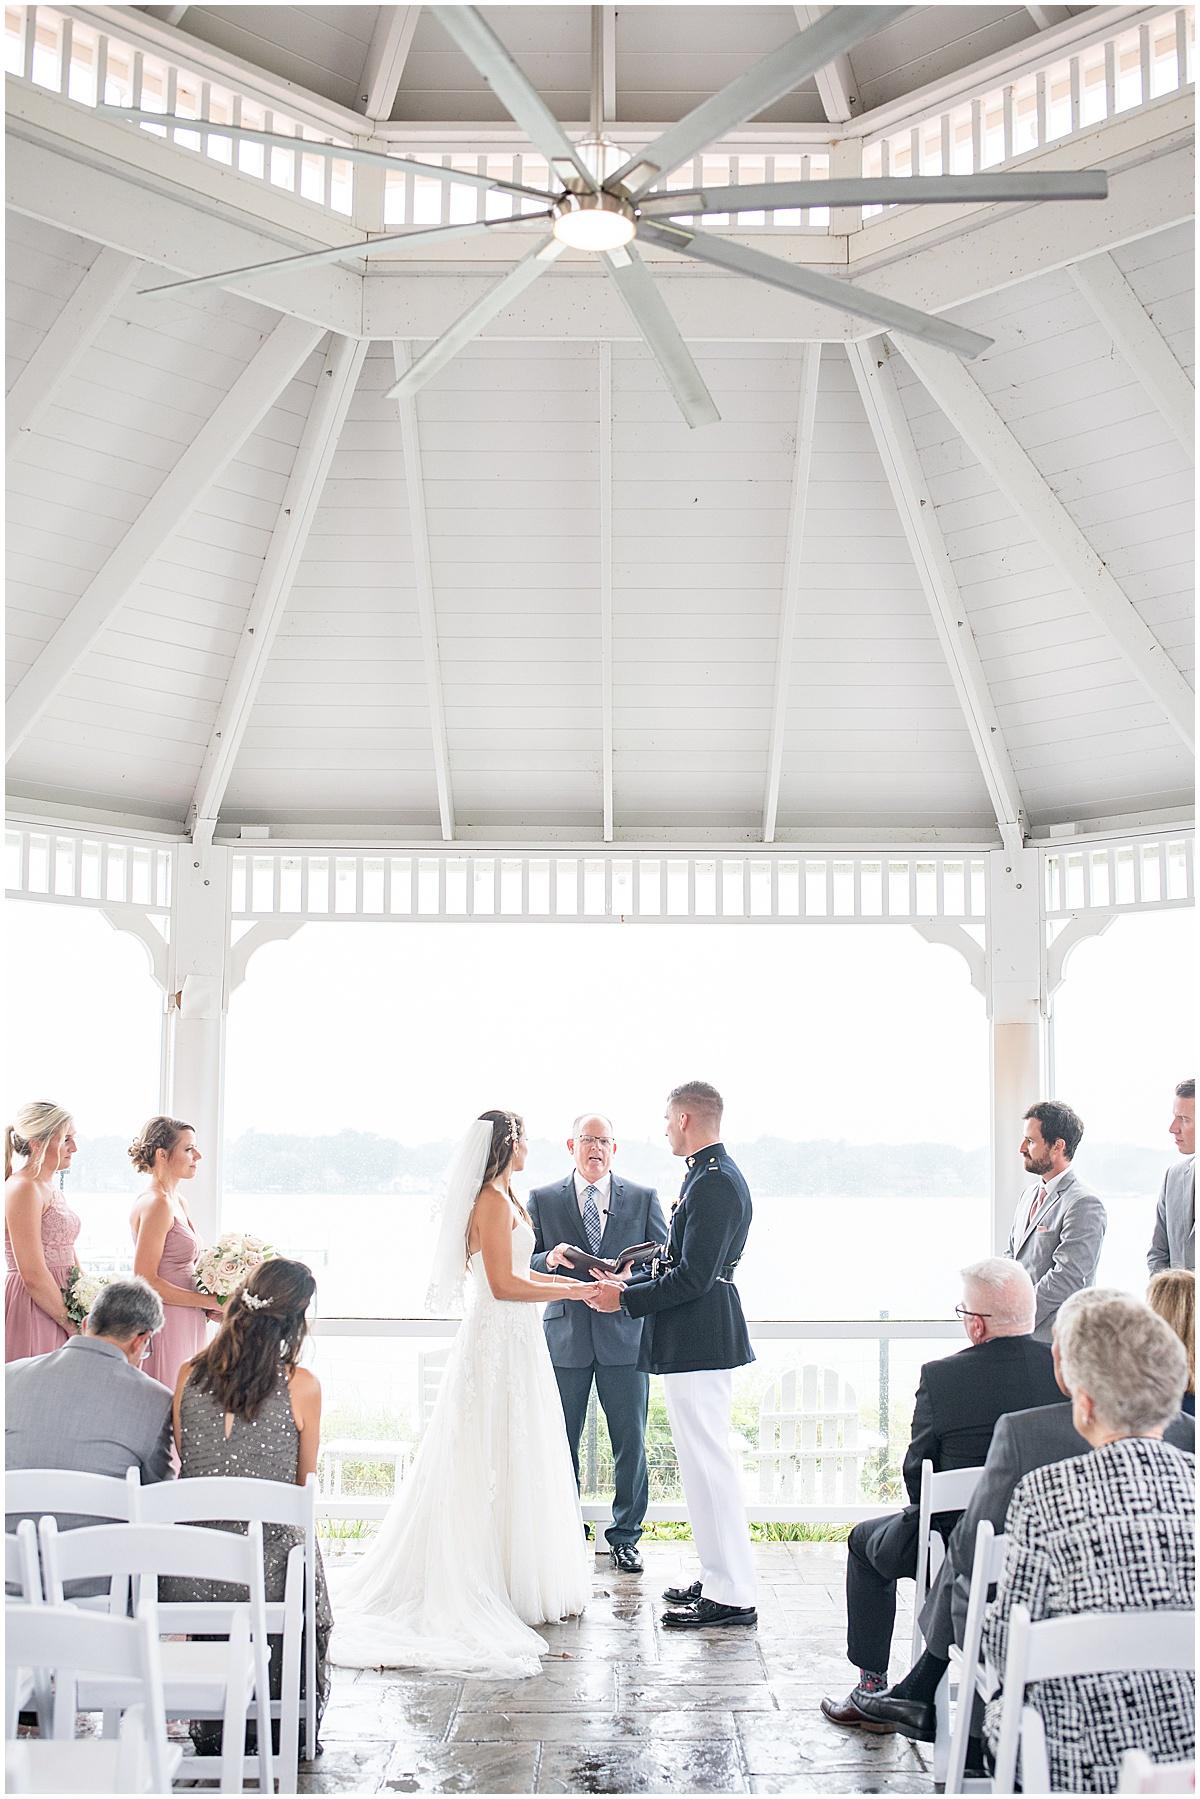 Outdoor wedding venue in Cedar Lake, Indiana